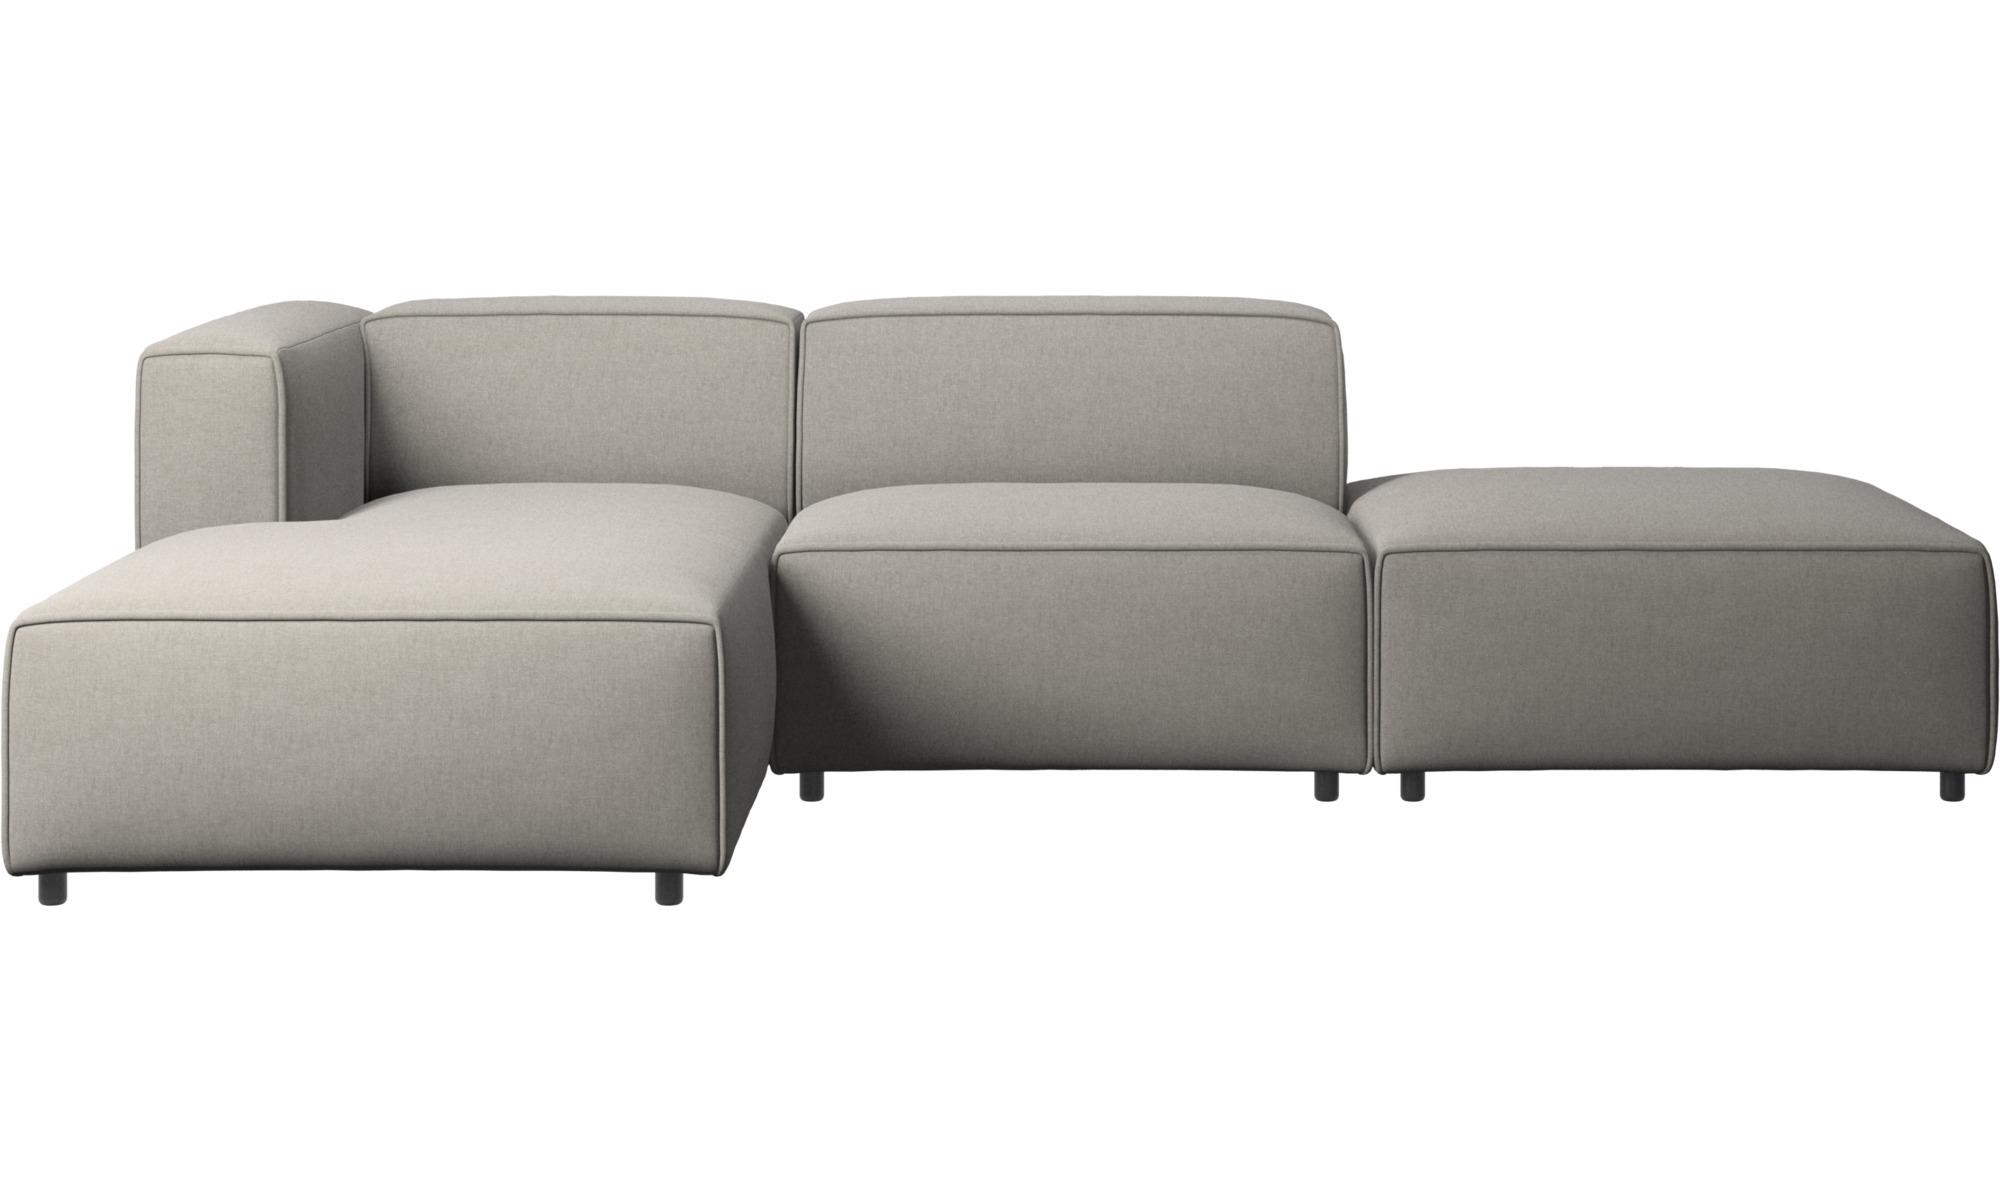 Canapés modulaires - Canapé Carmo avec méridienne et chaise longue - Gris - Tissu